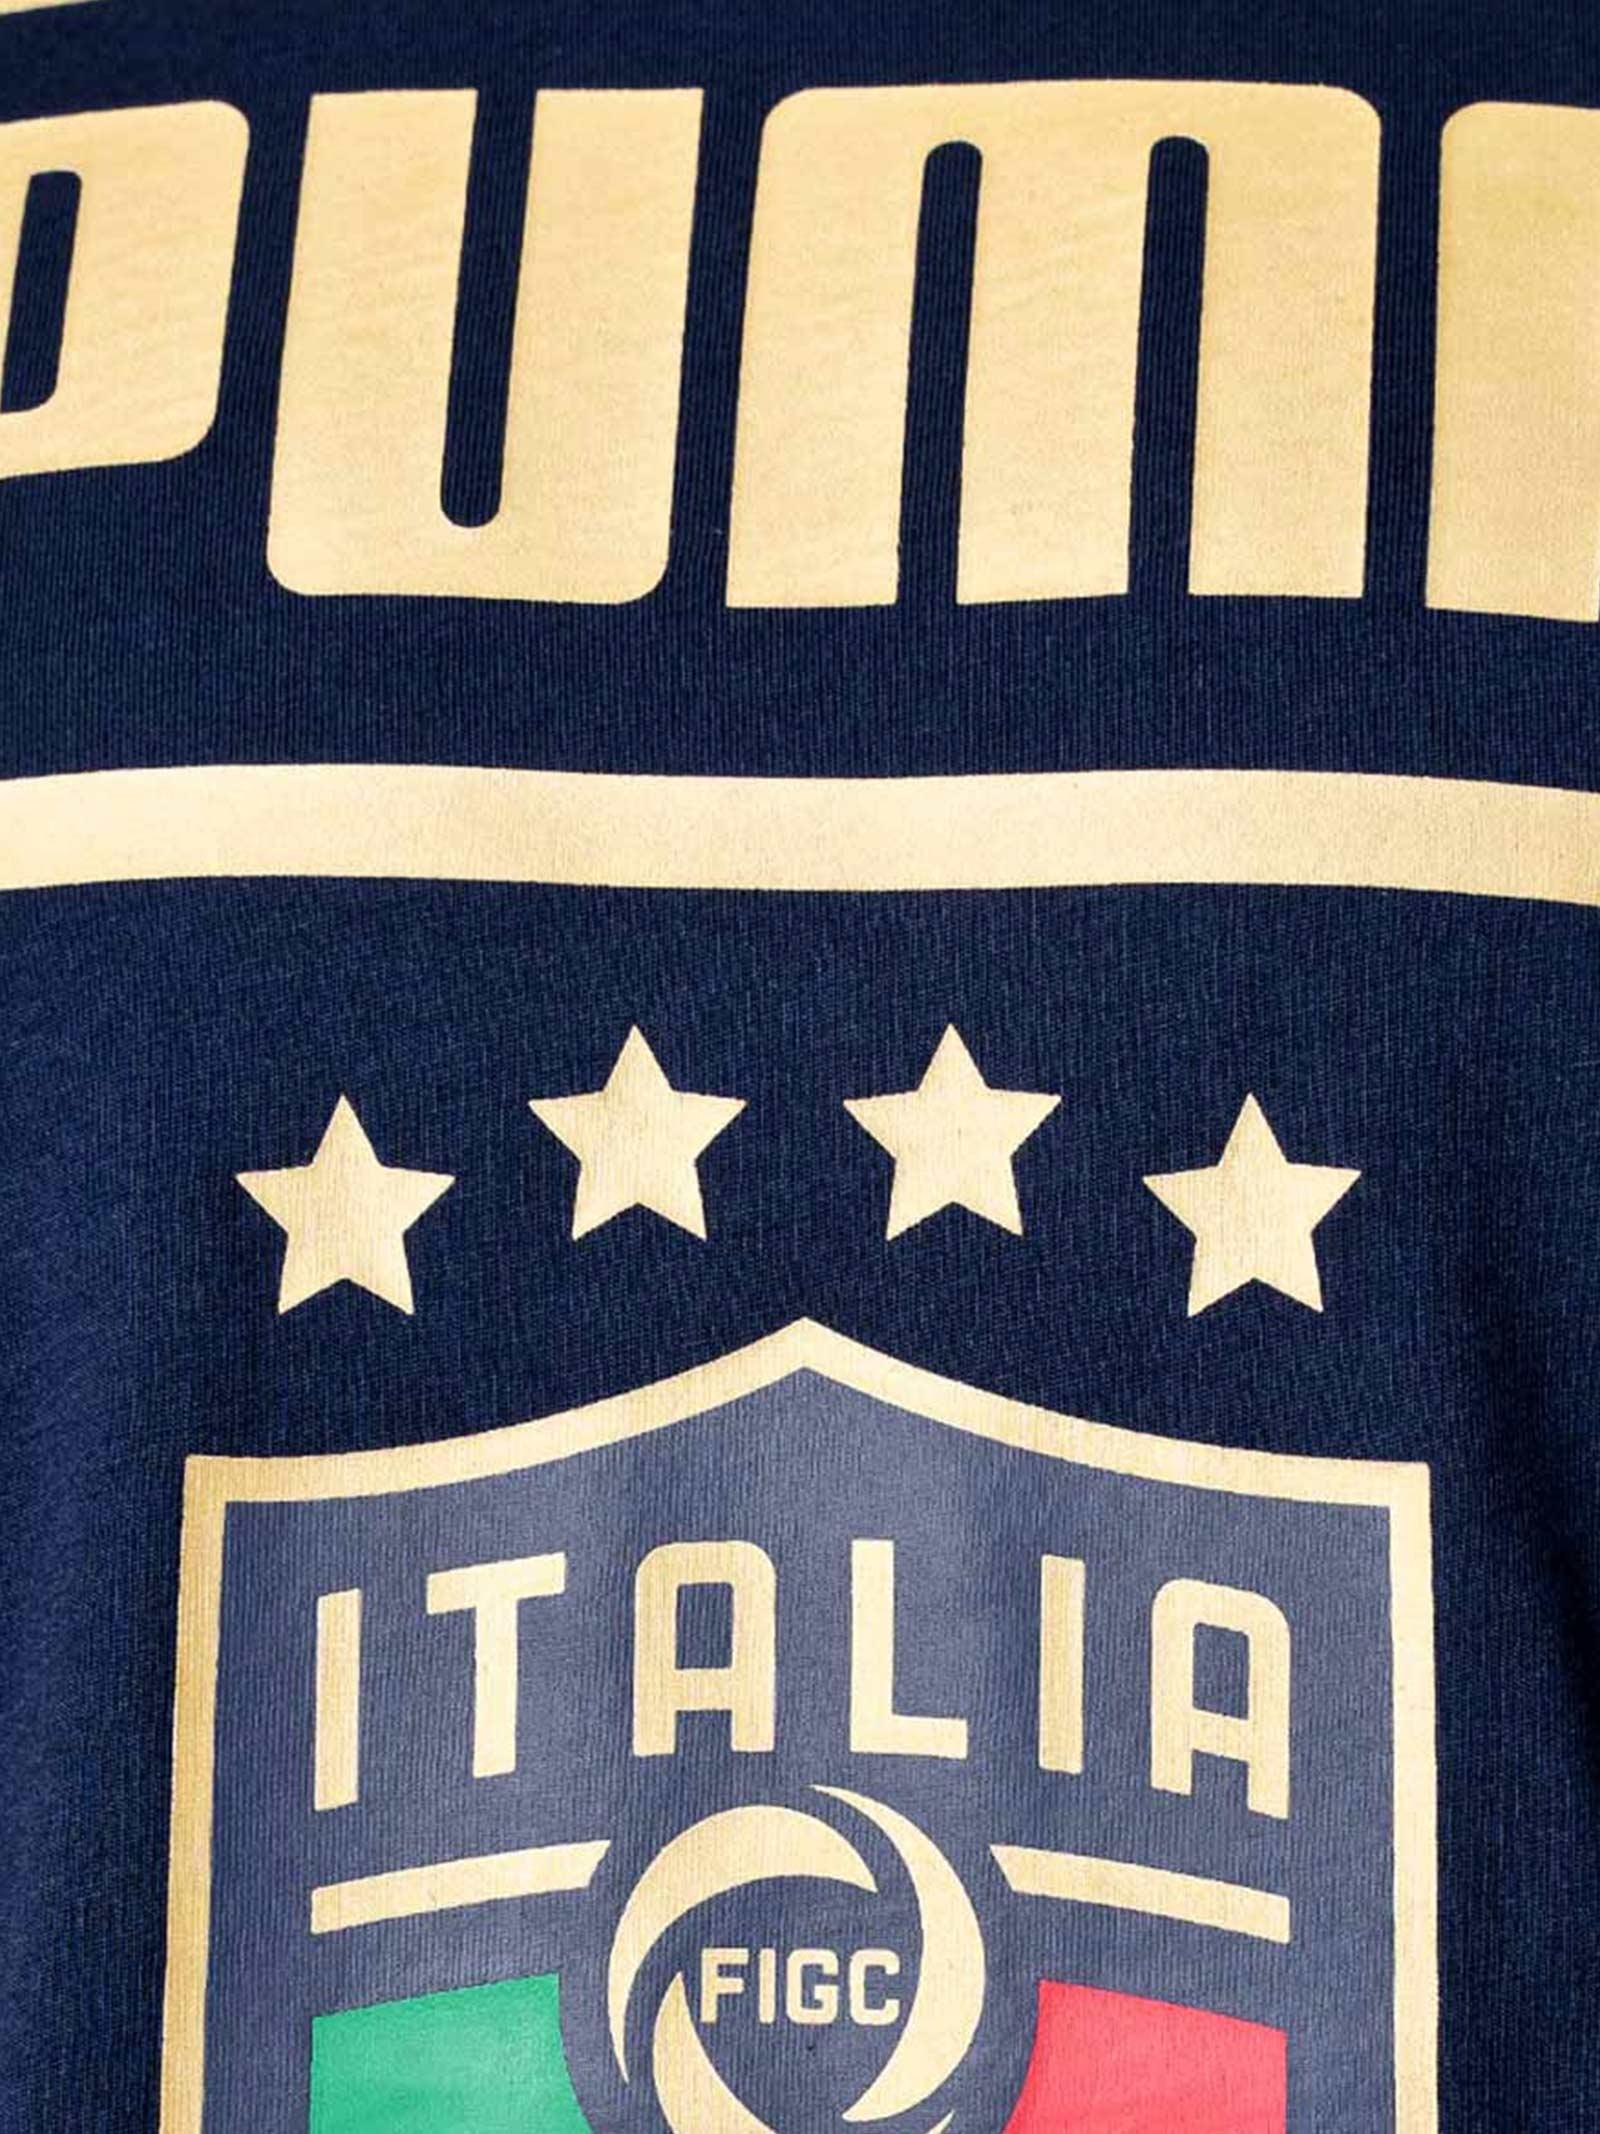 PUMA T.SHIRT FIGC TEAM UOMO PUMA | T-SHIRT | 75750407